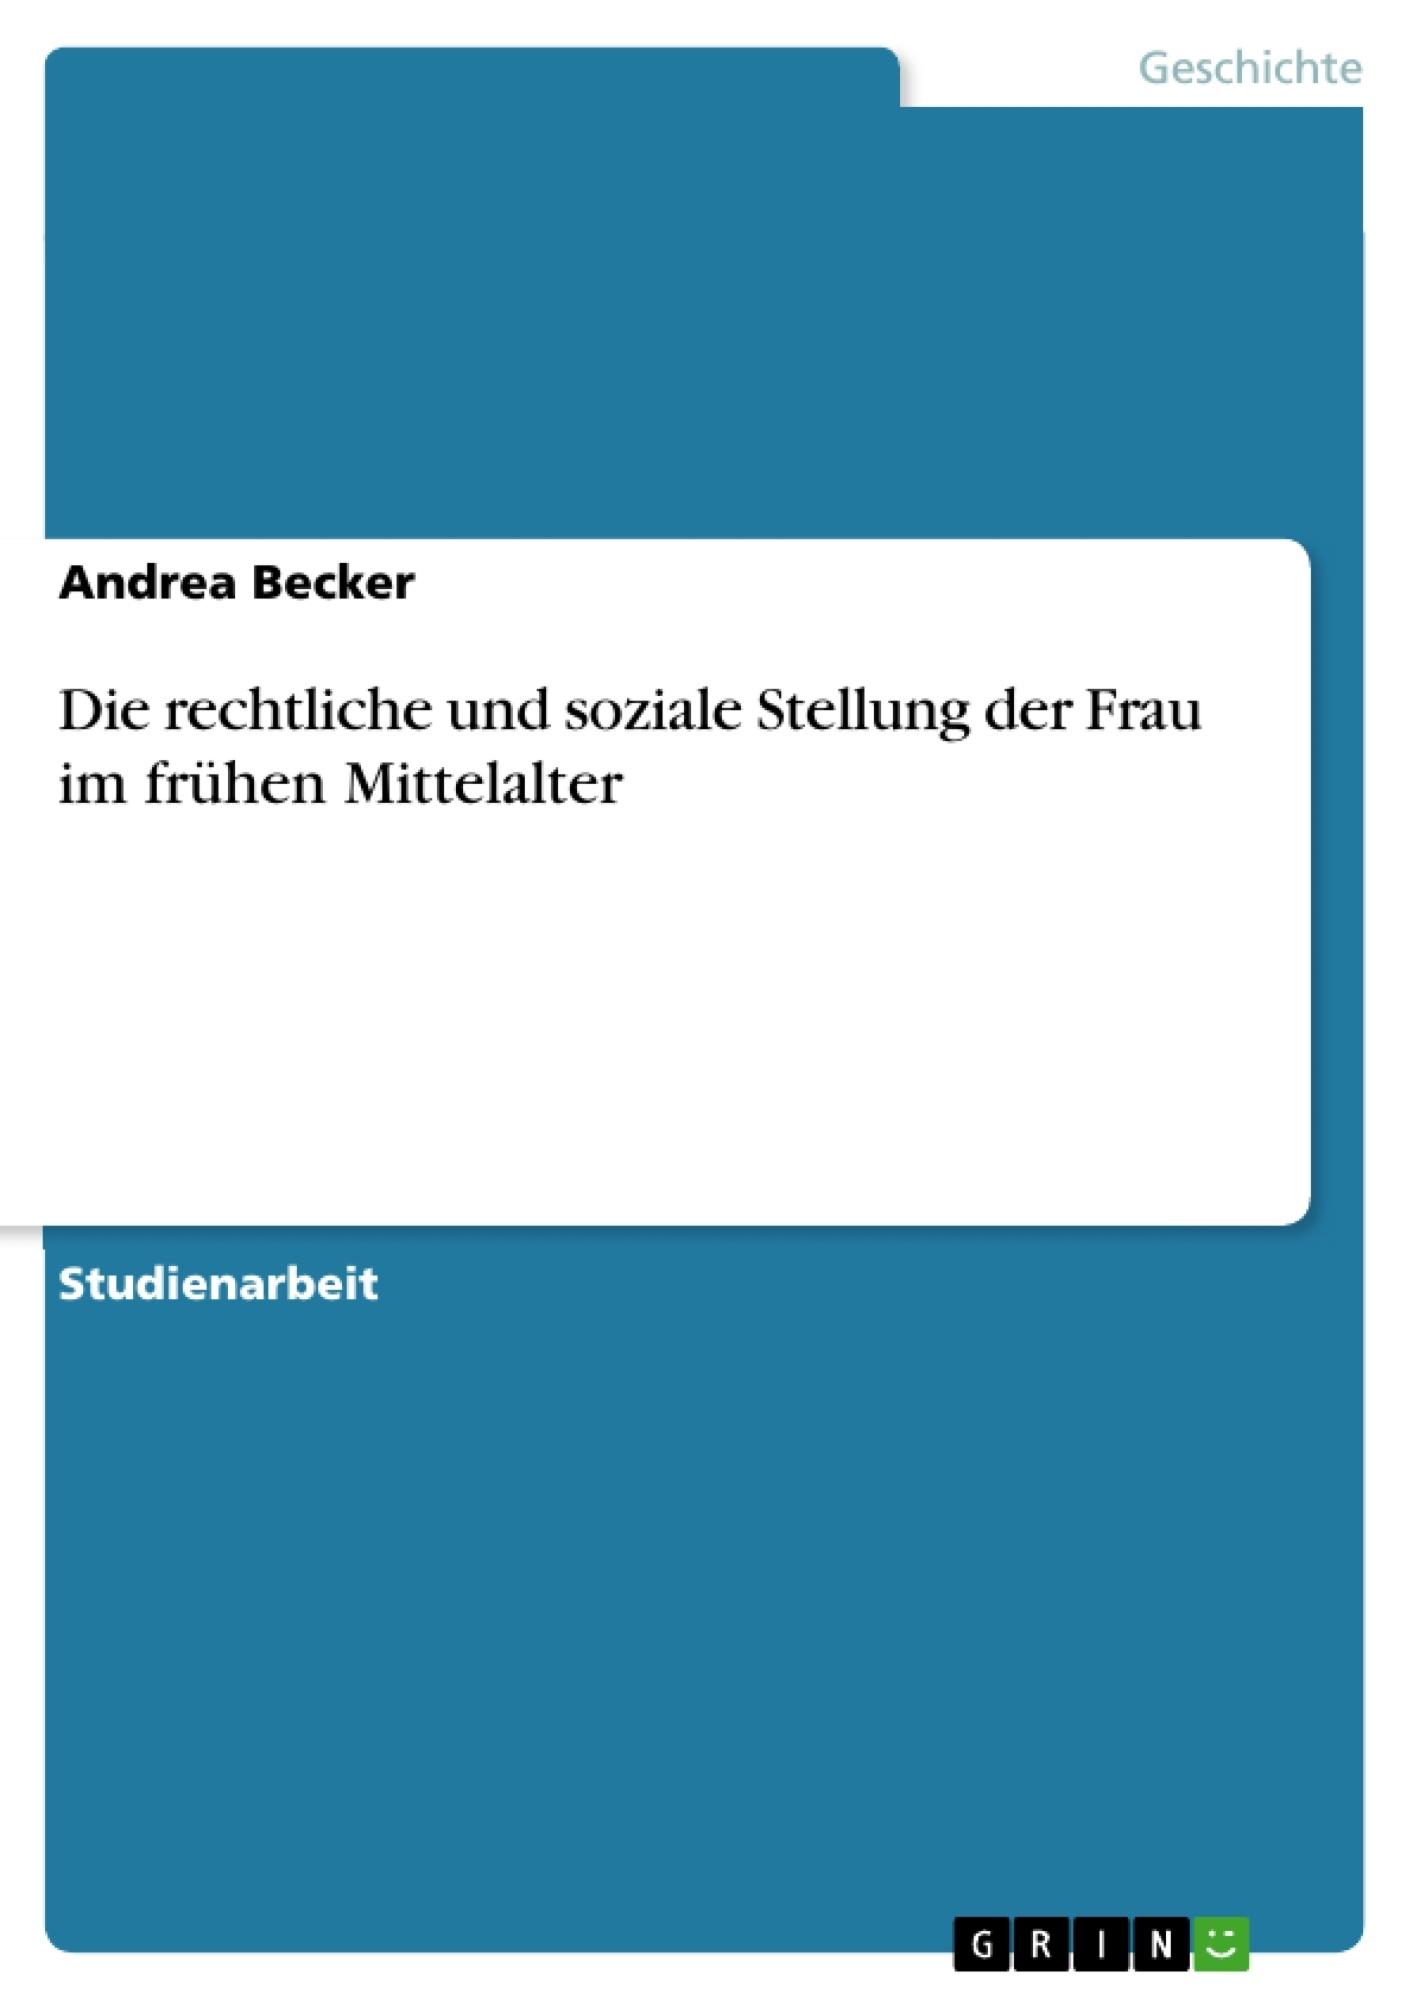 Titel: Die rechtliche und soziale Stellung der Frau im frühen Mittelalter